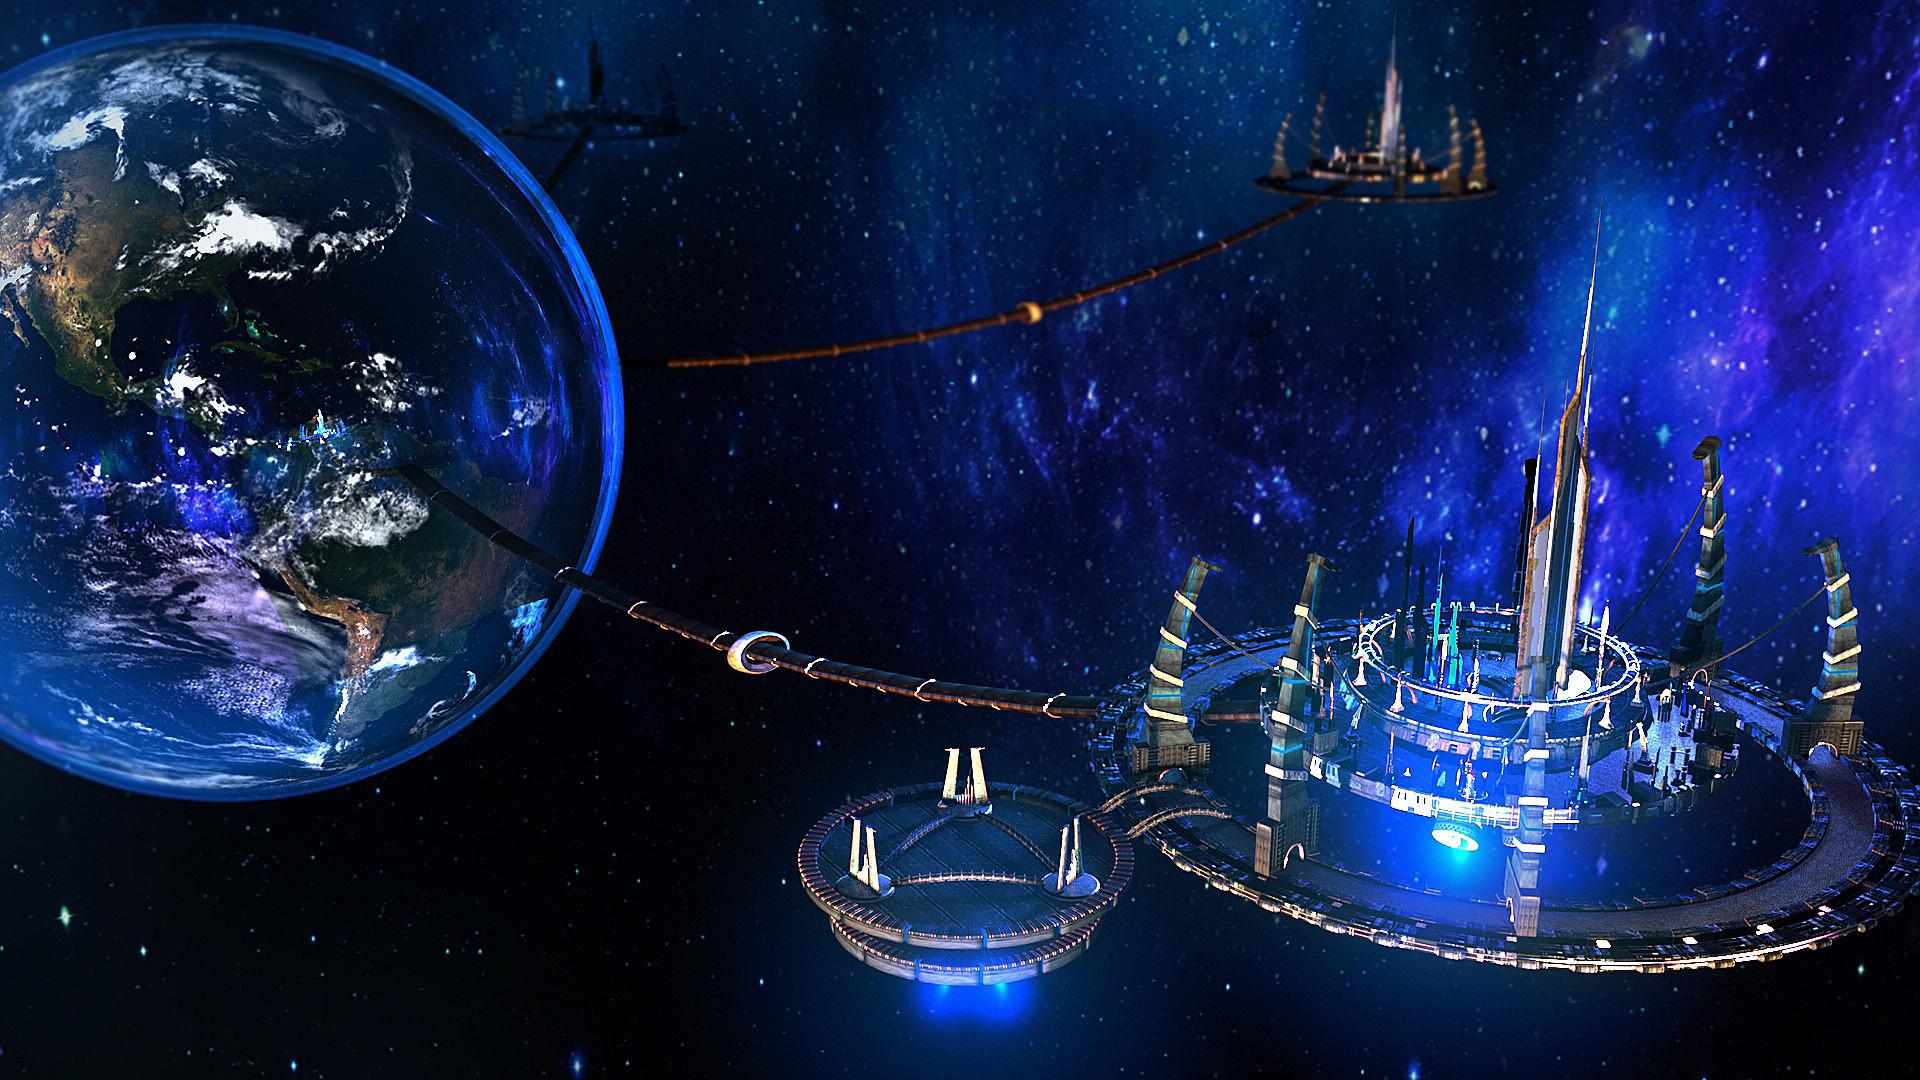 космические города фото что есть